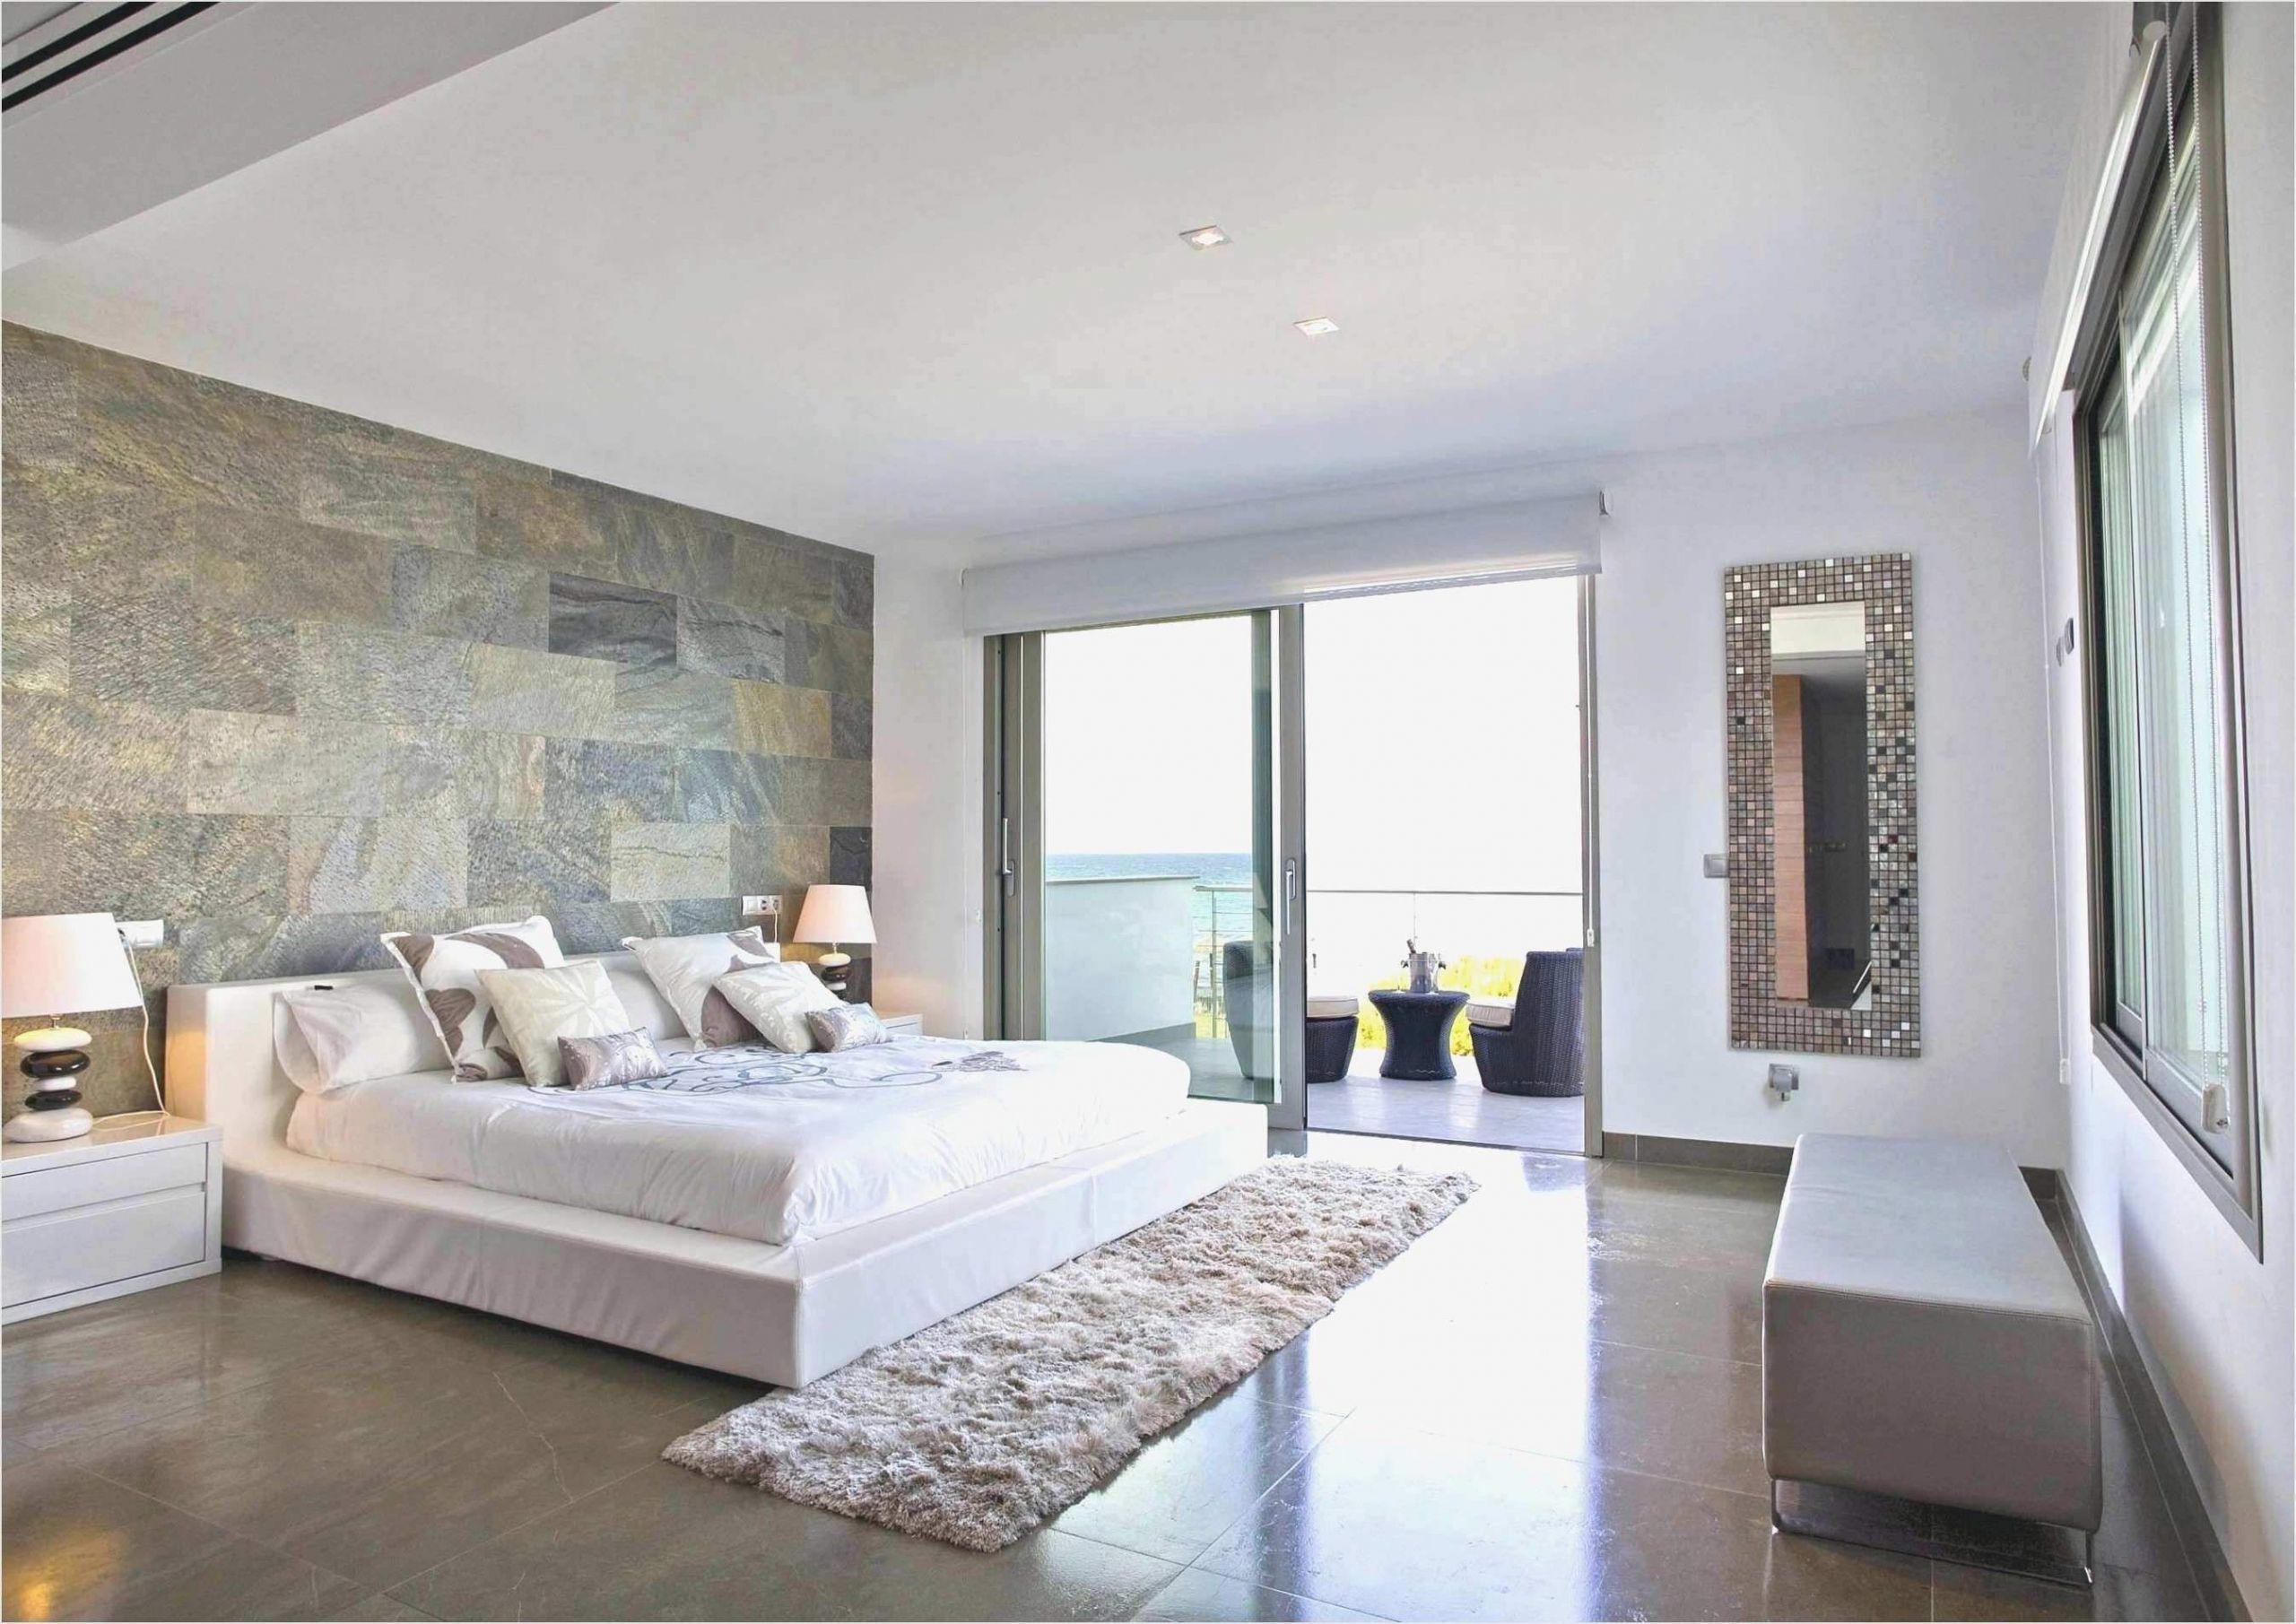 wanddeko fur wohnzimmer einzigartig 45 beste von wanddeko fur wohnzimmer design of wanddeko fur wohnzimmer